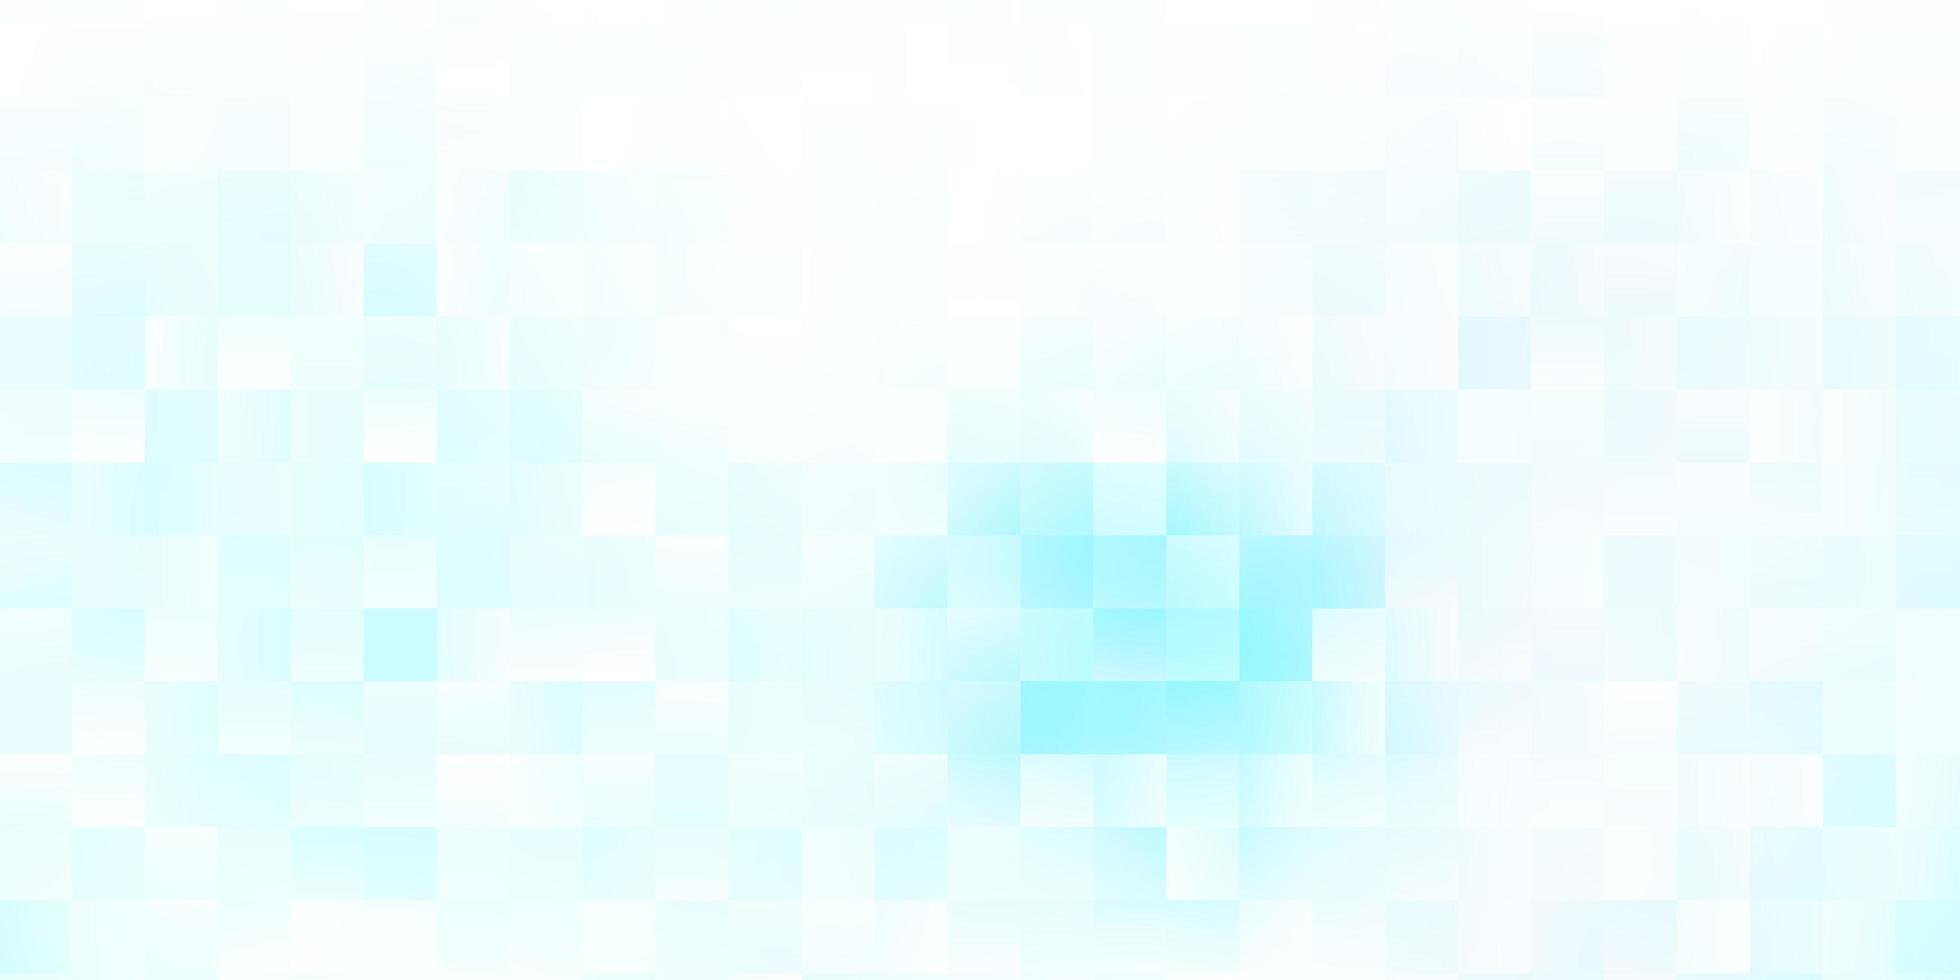 hellviolette Vektorschablone mit abstrakten Formen. vektor